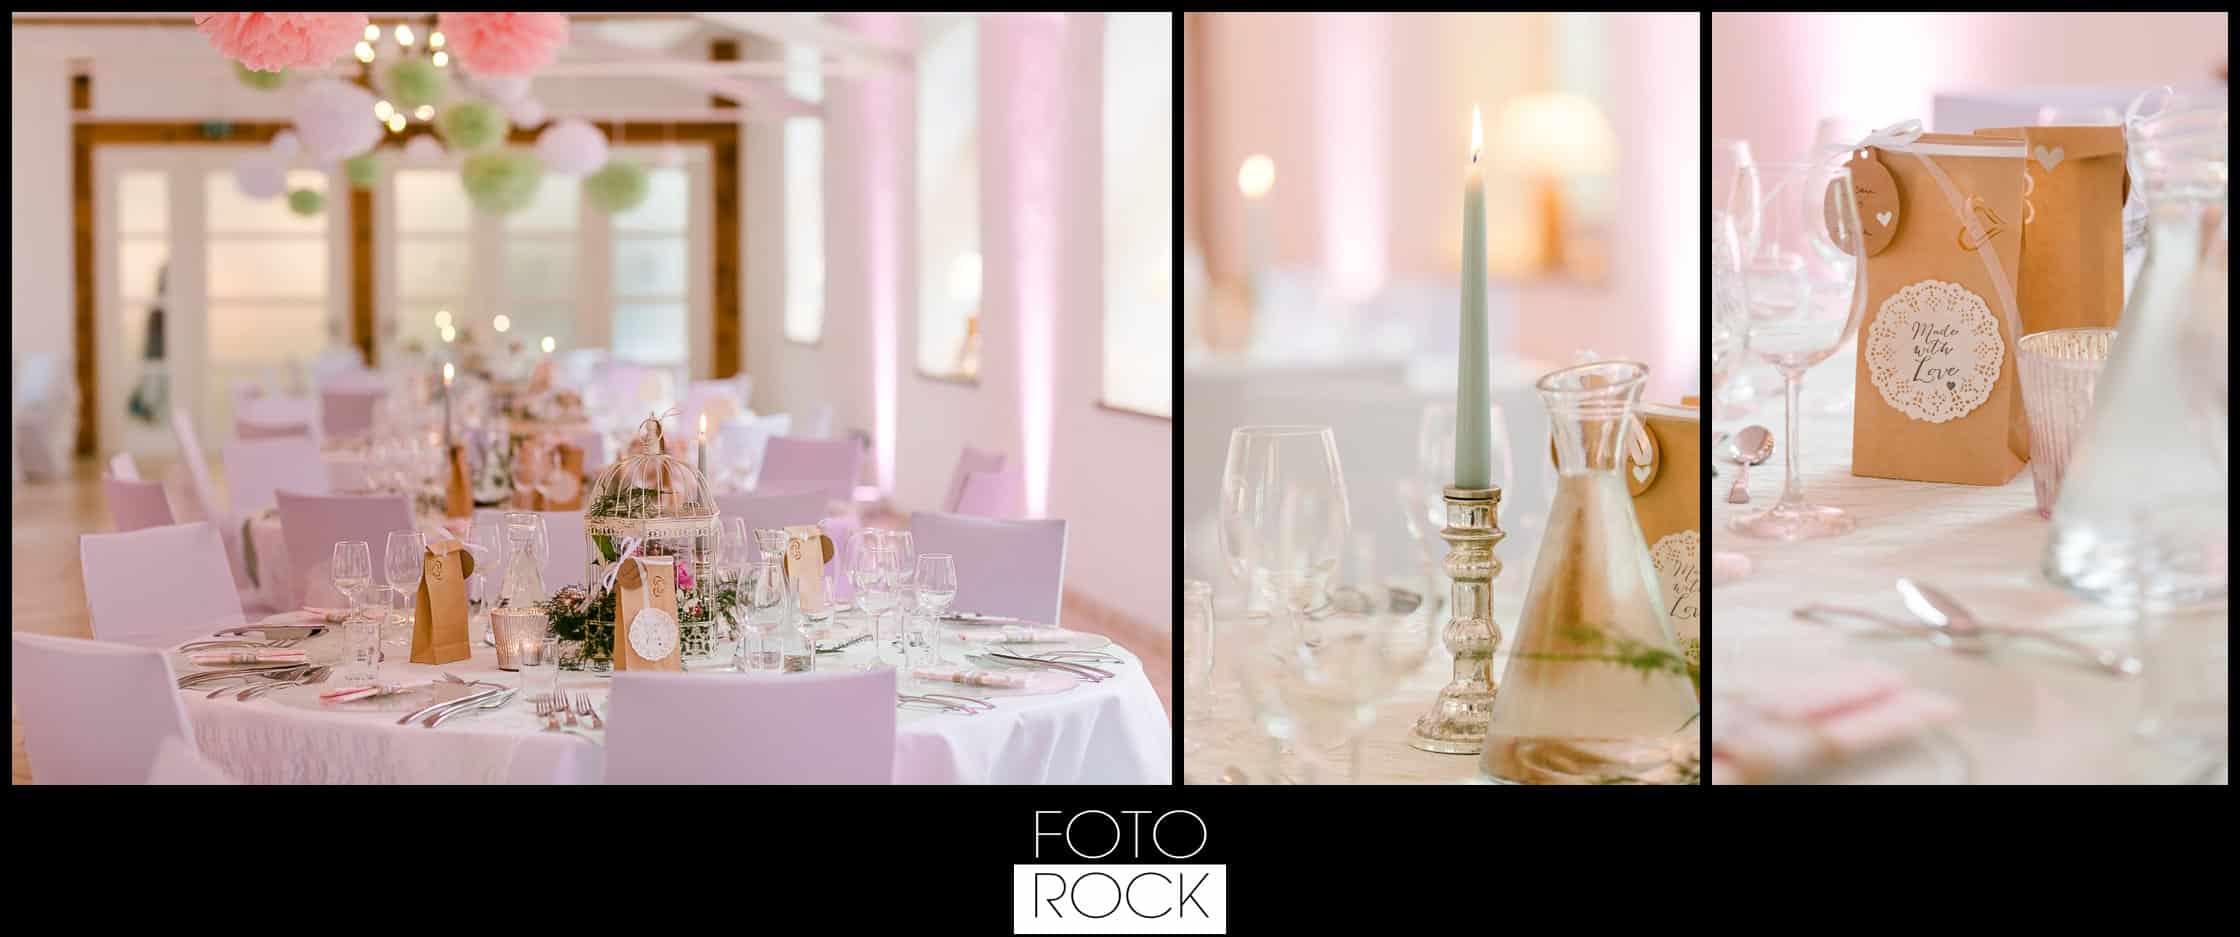 Hochzeit Lilienhof Ihringen Fotoshooting Photoshooting Brautpaar